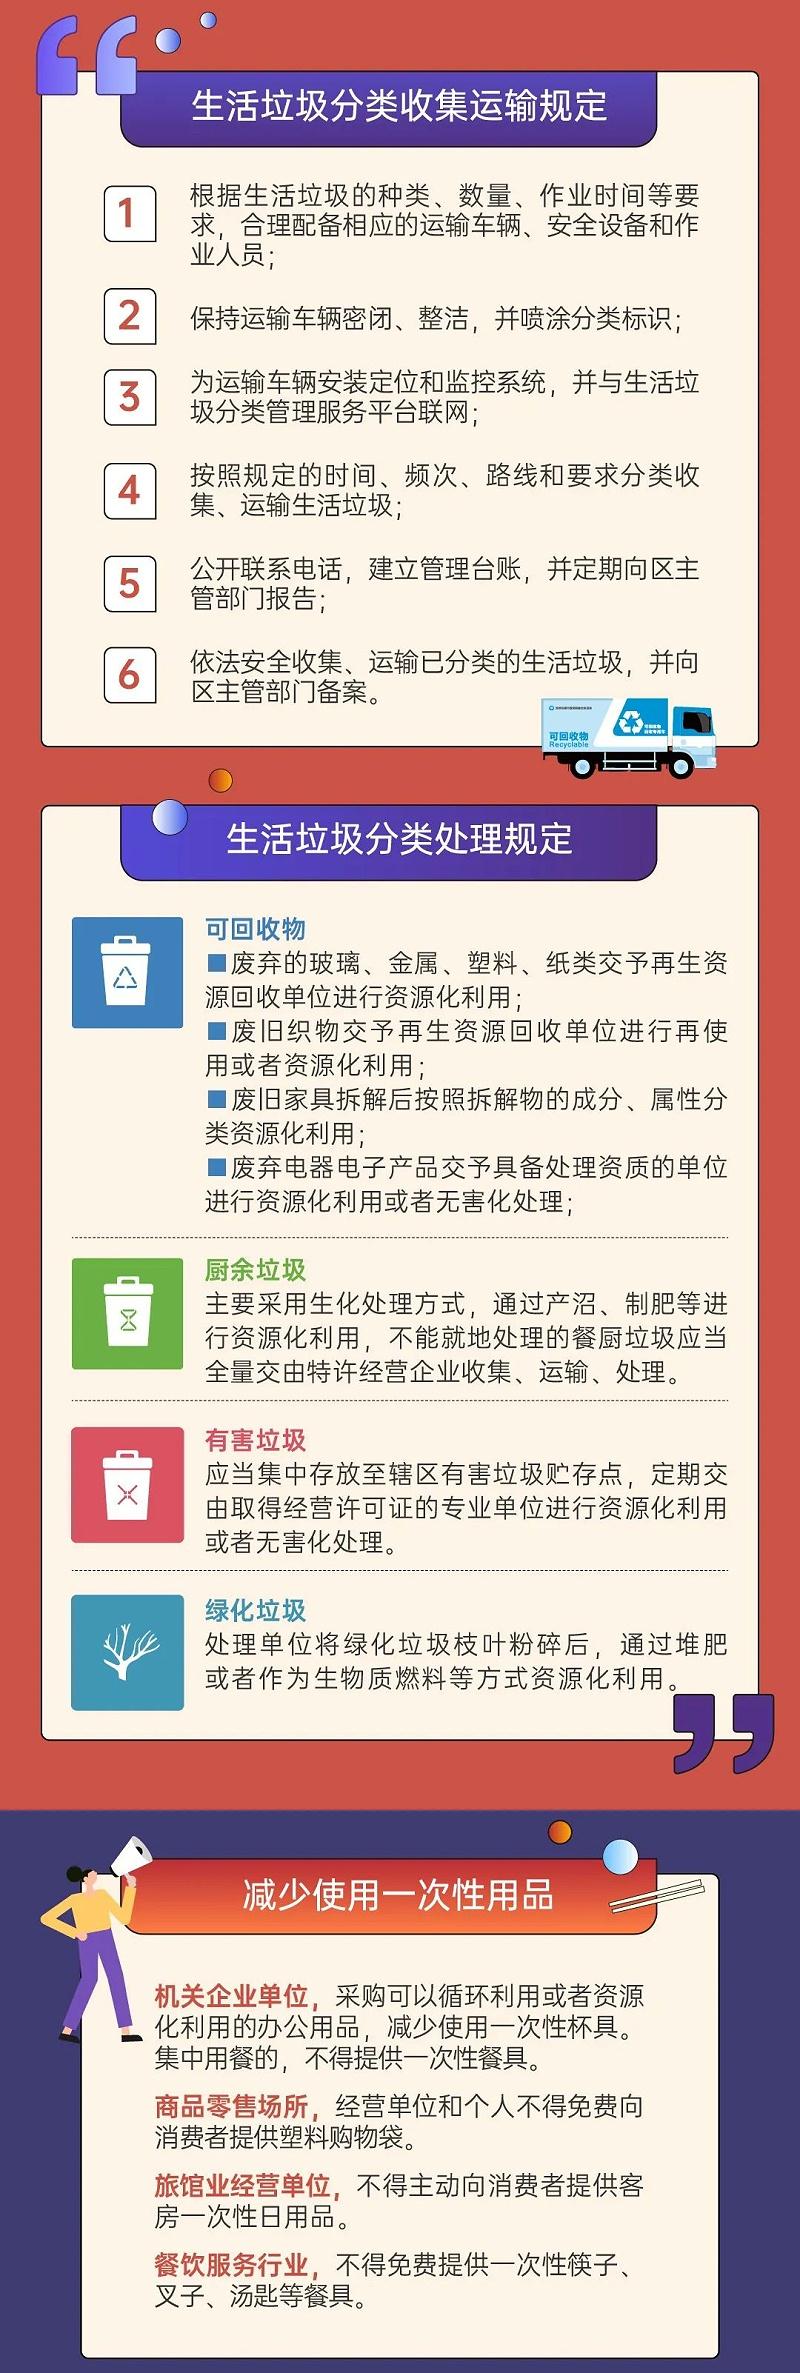 5深圳市生活垃圾分类管理条例正式实施-玉龙环保